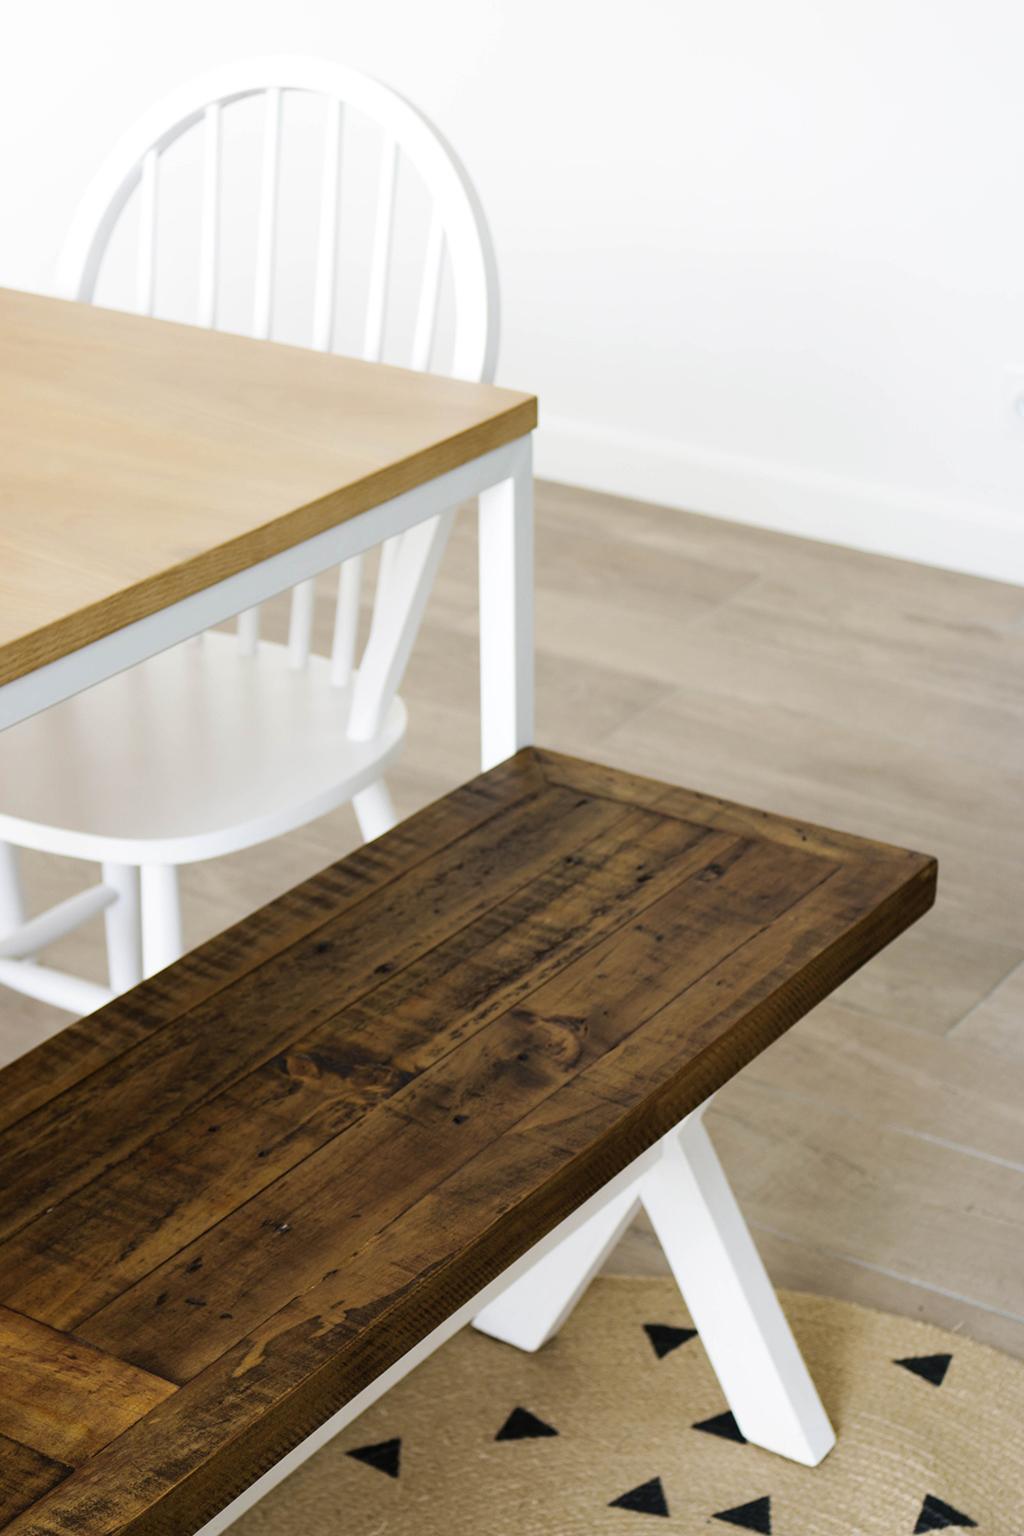 banc autour d'une table